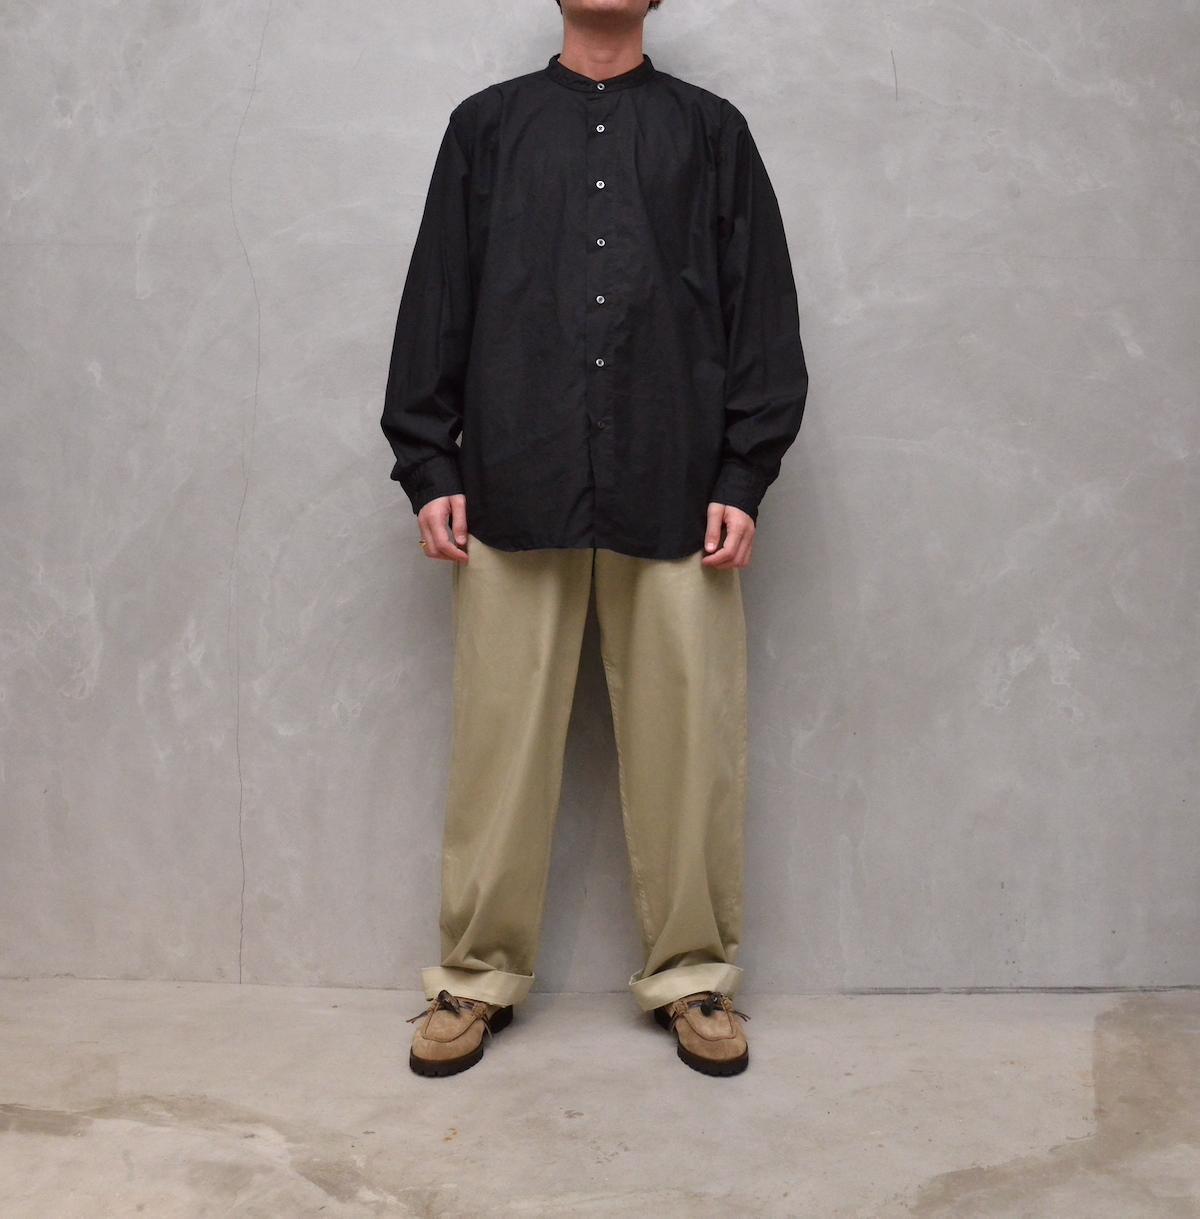 CIOTA 「 スビンコットン タイプライター バンドカラーシャツ / ブラック 」